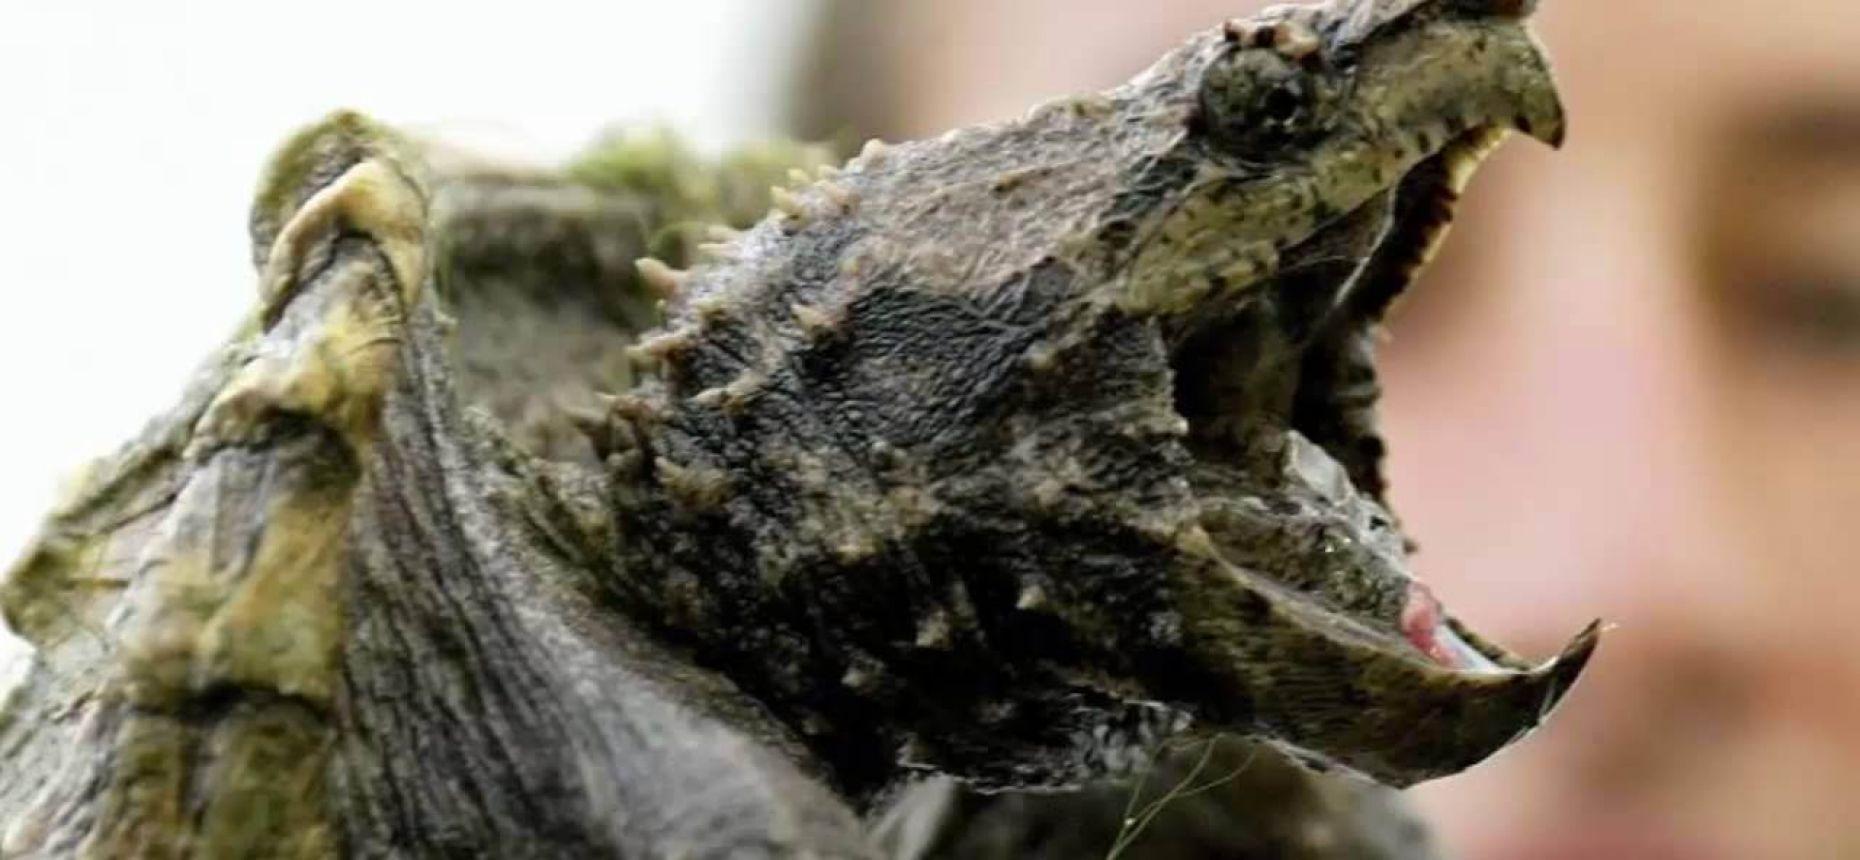 Добыча сама идёт в рот грифовым черепахам